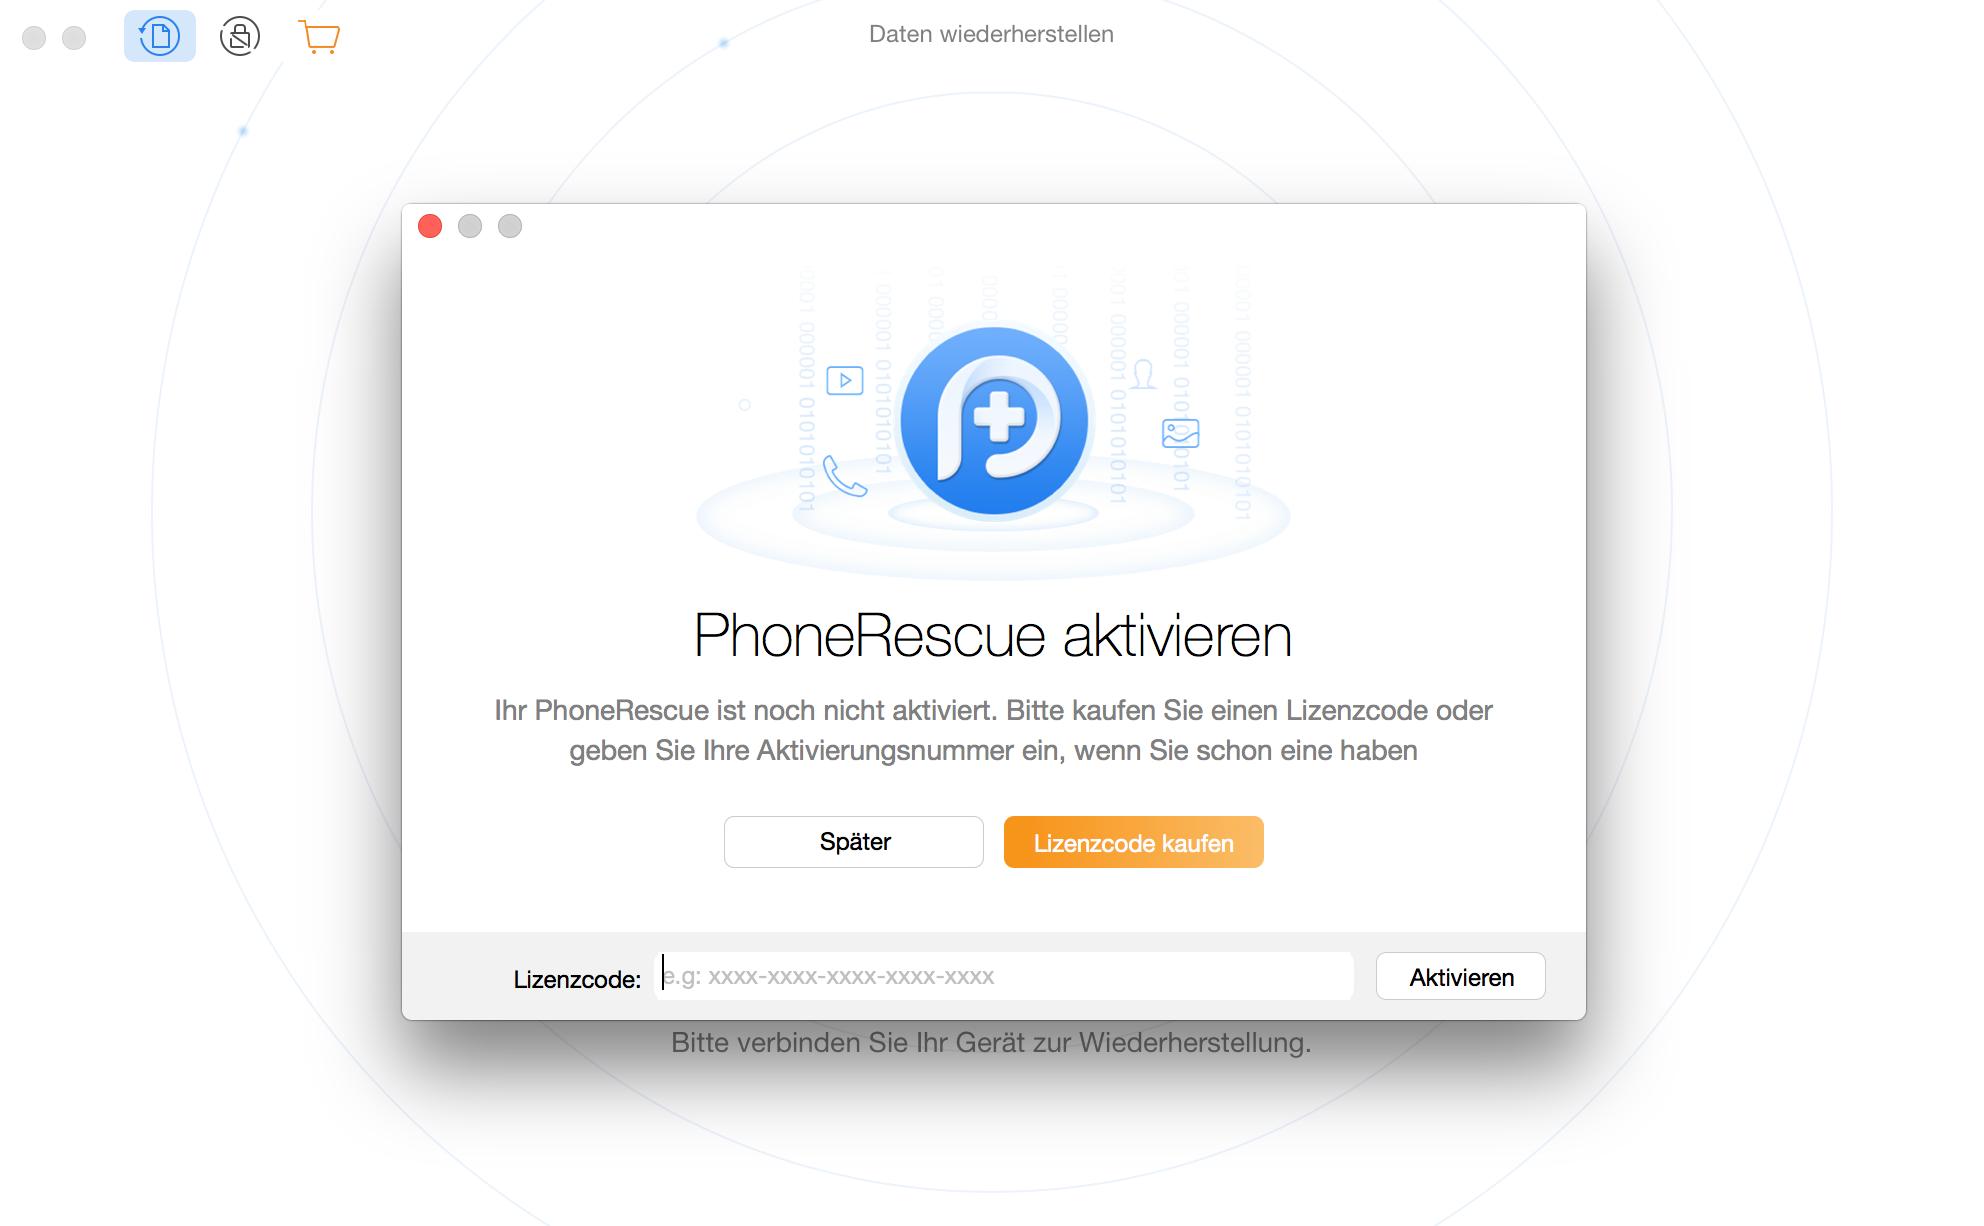 PhoneRescue für HUAWEI registrieren